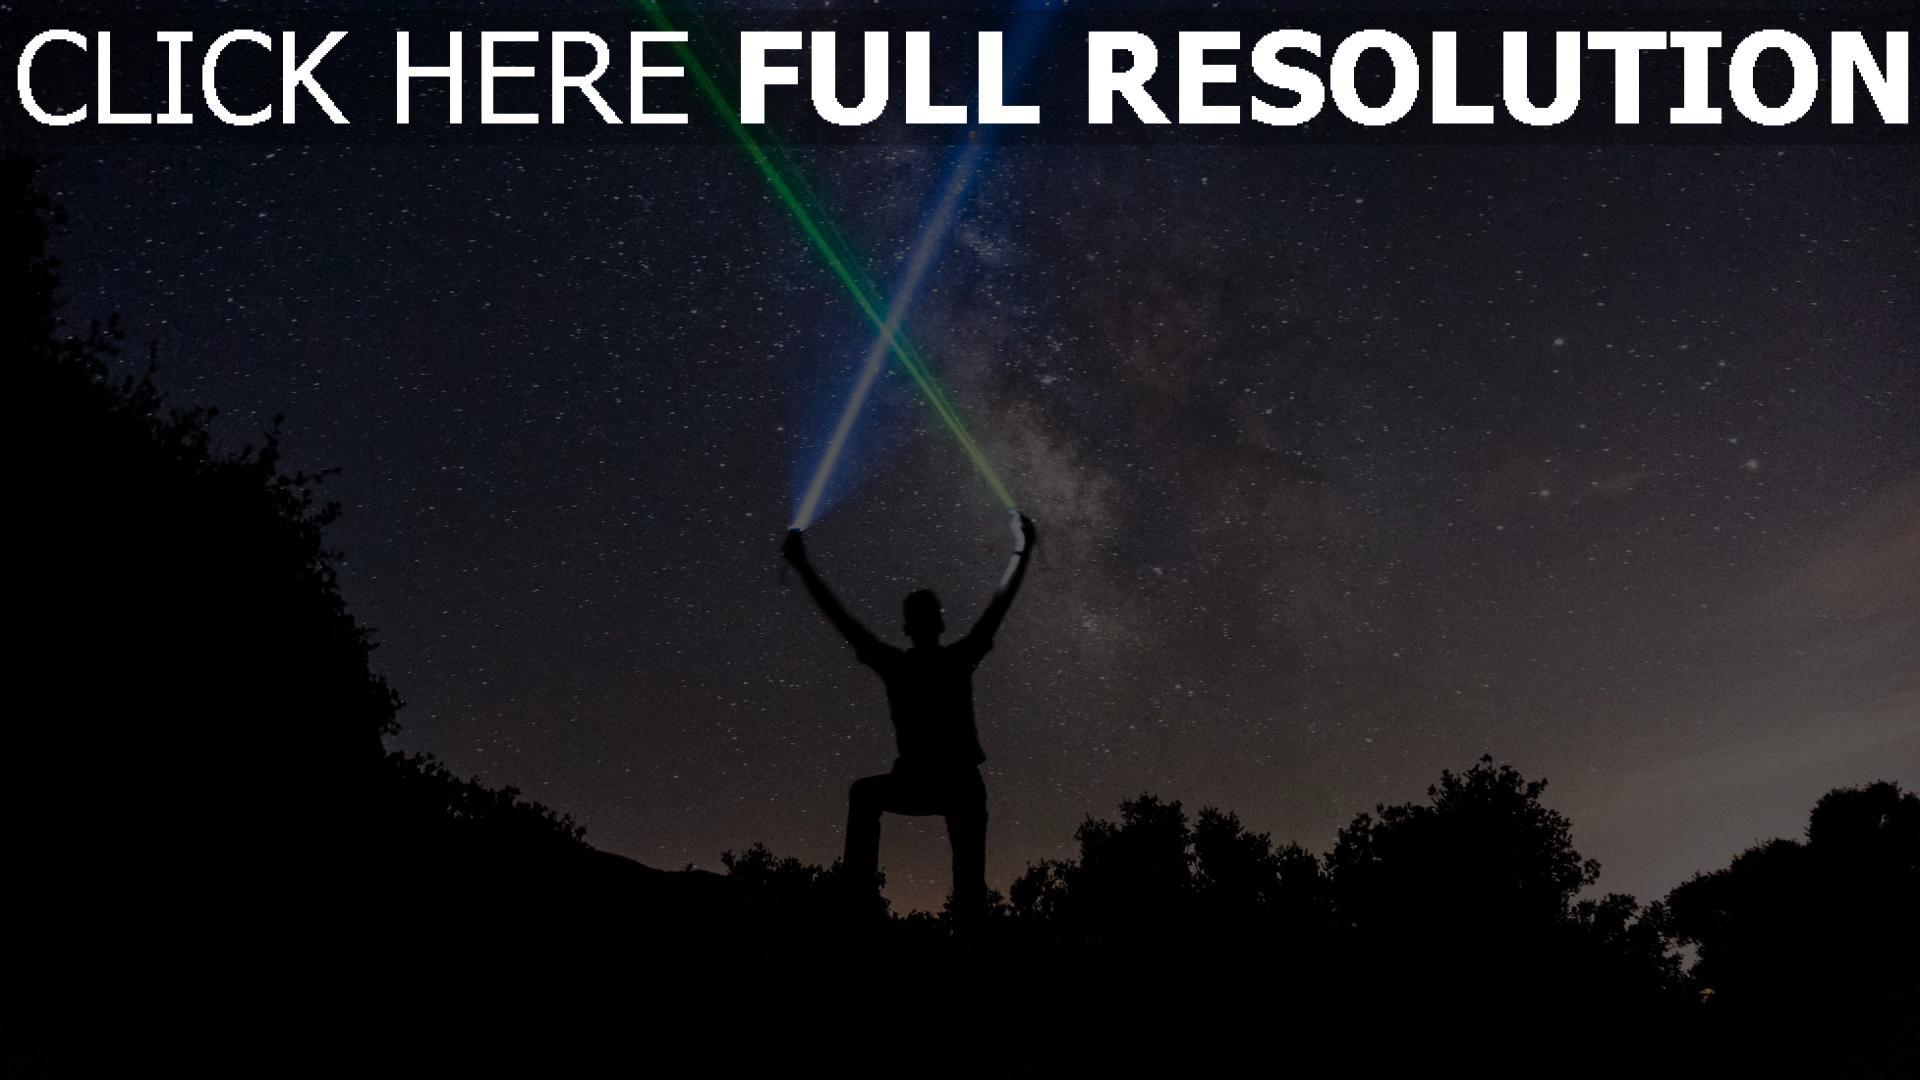 hd hintergrundbilder sterne nacht silhouette sternenhimmel lichtschwerter 1920x1080